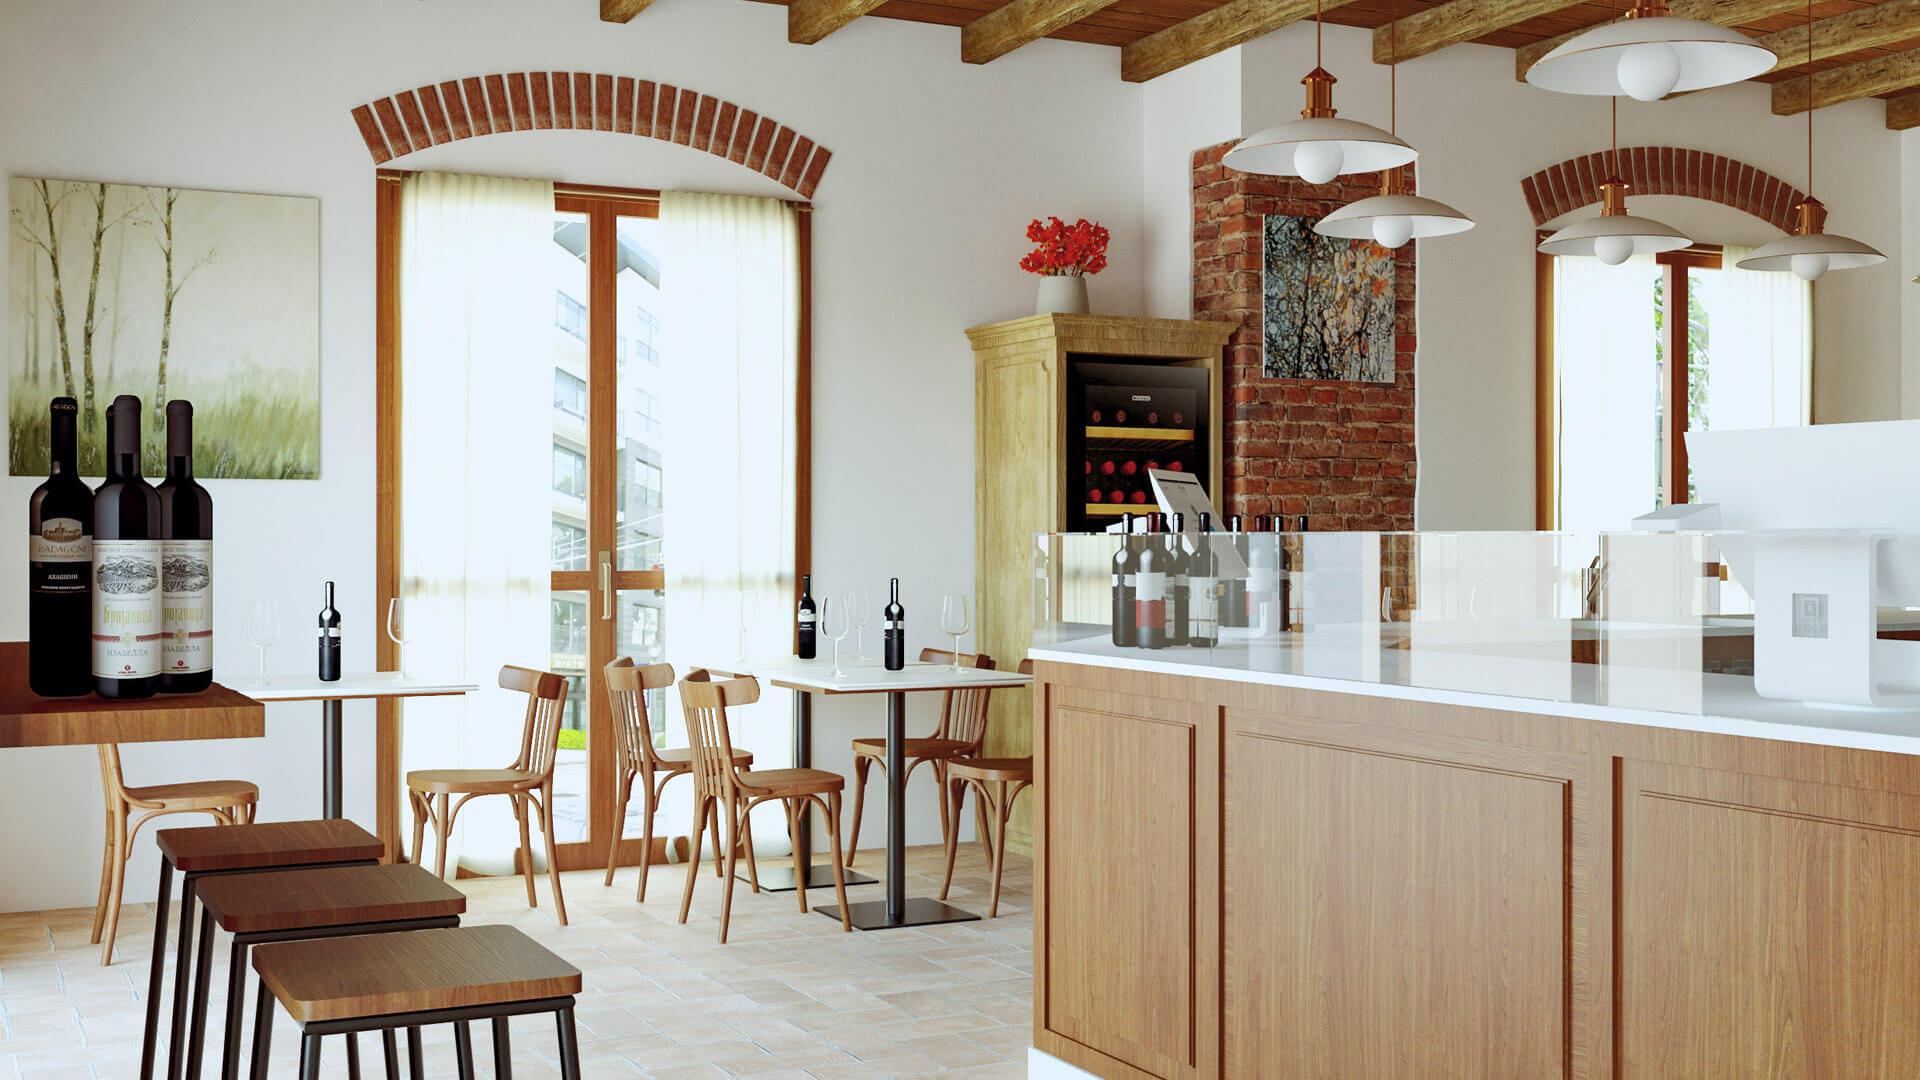 Progettazione e render Bar in stile rustico. Località: Salerno